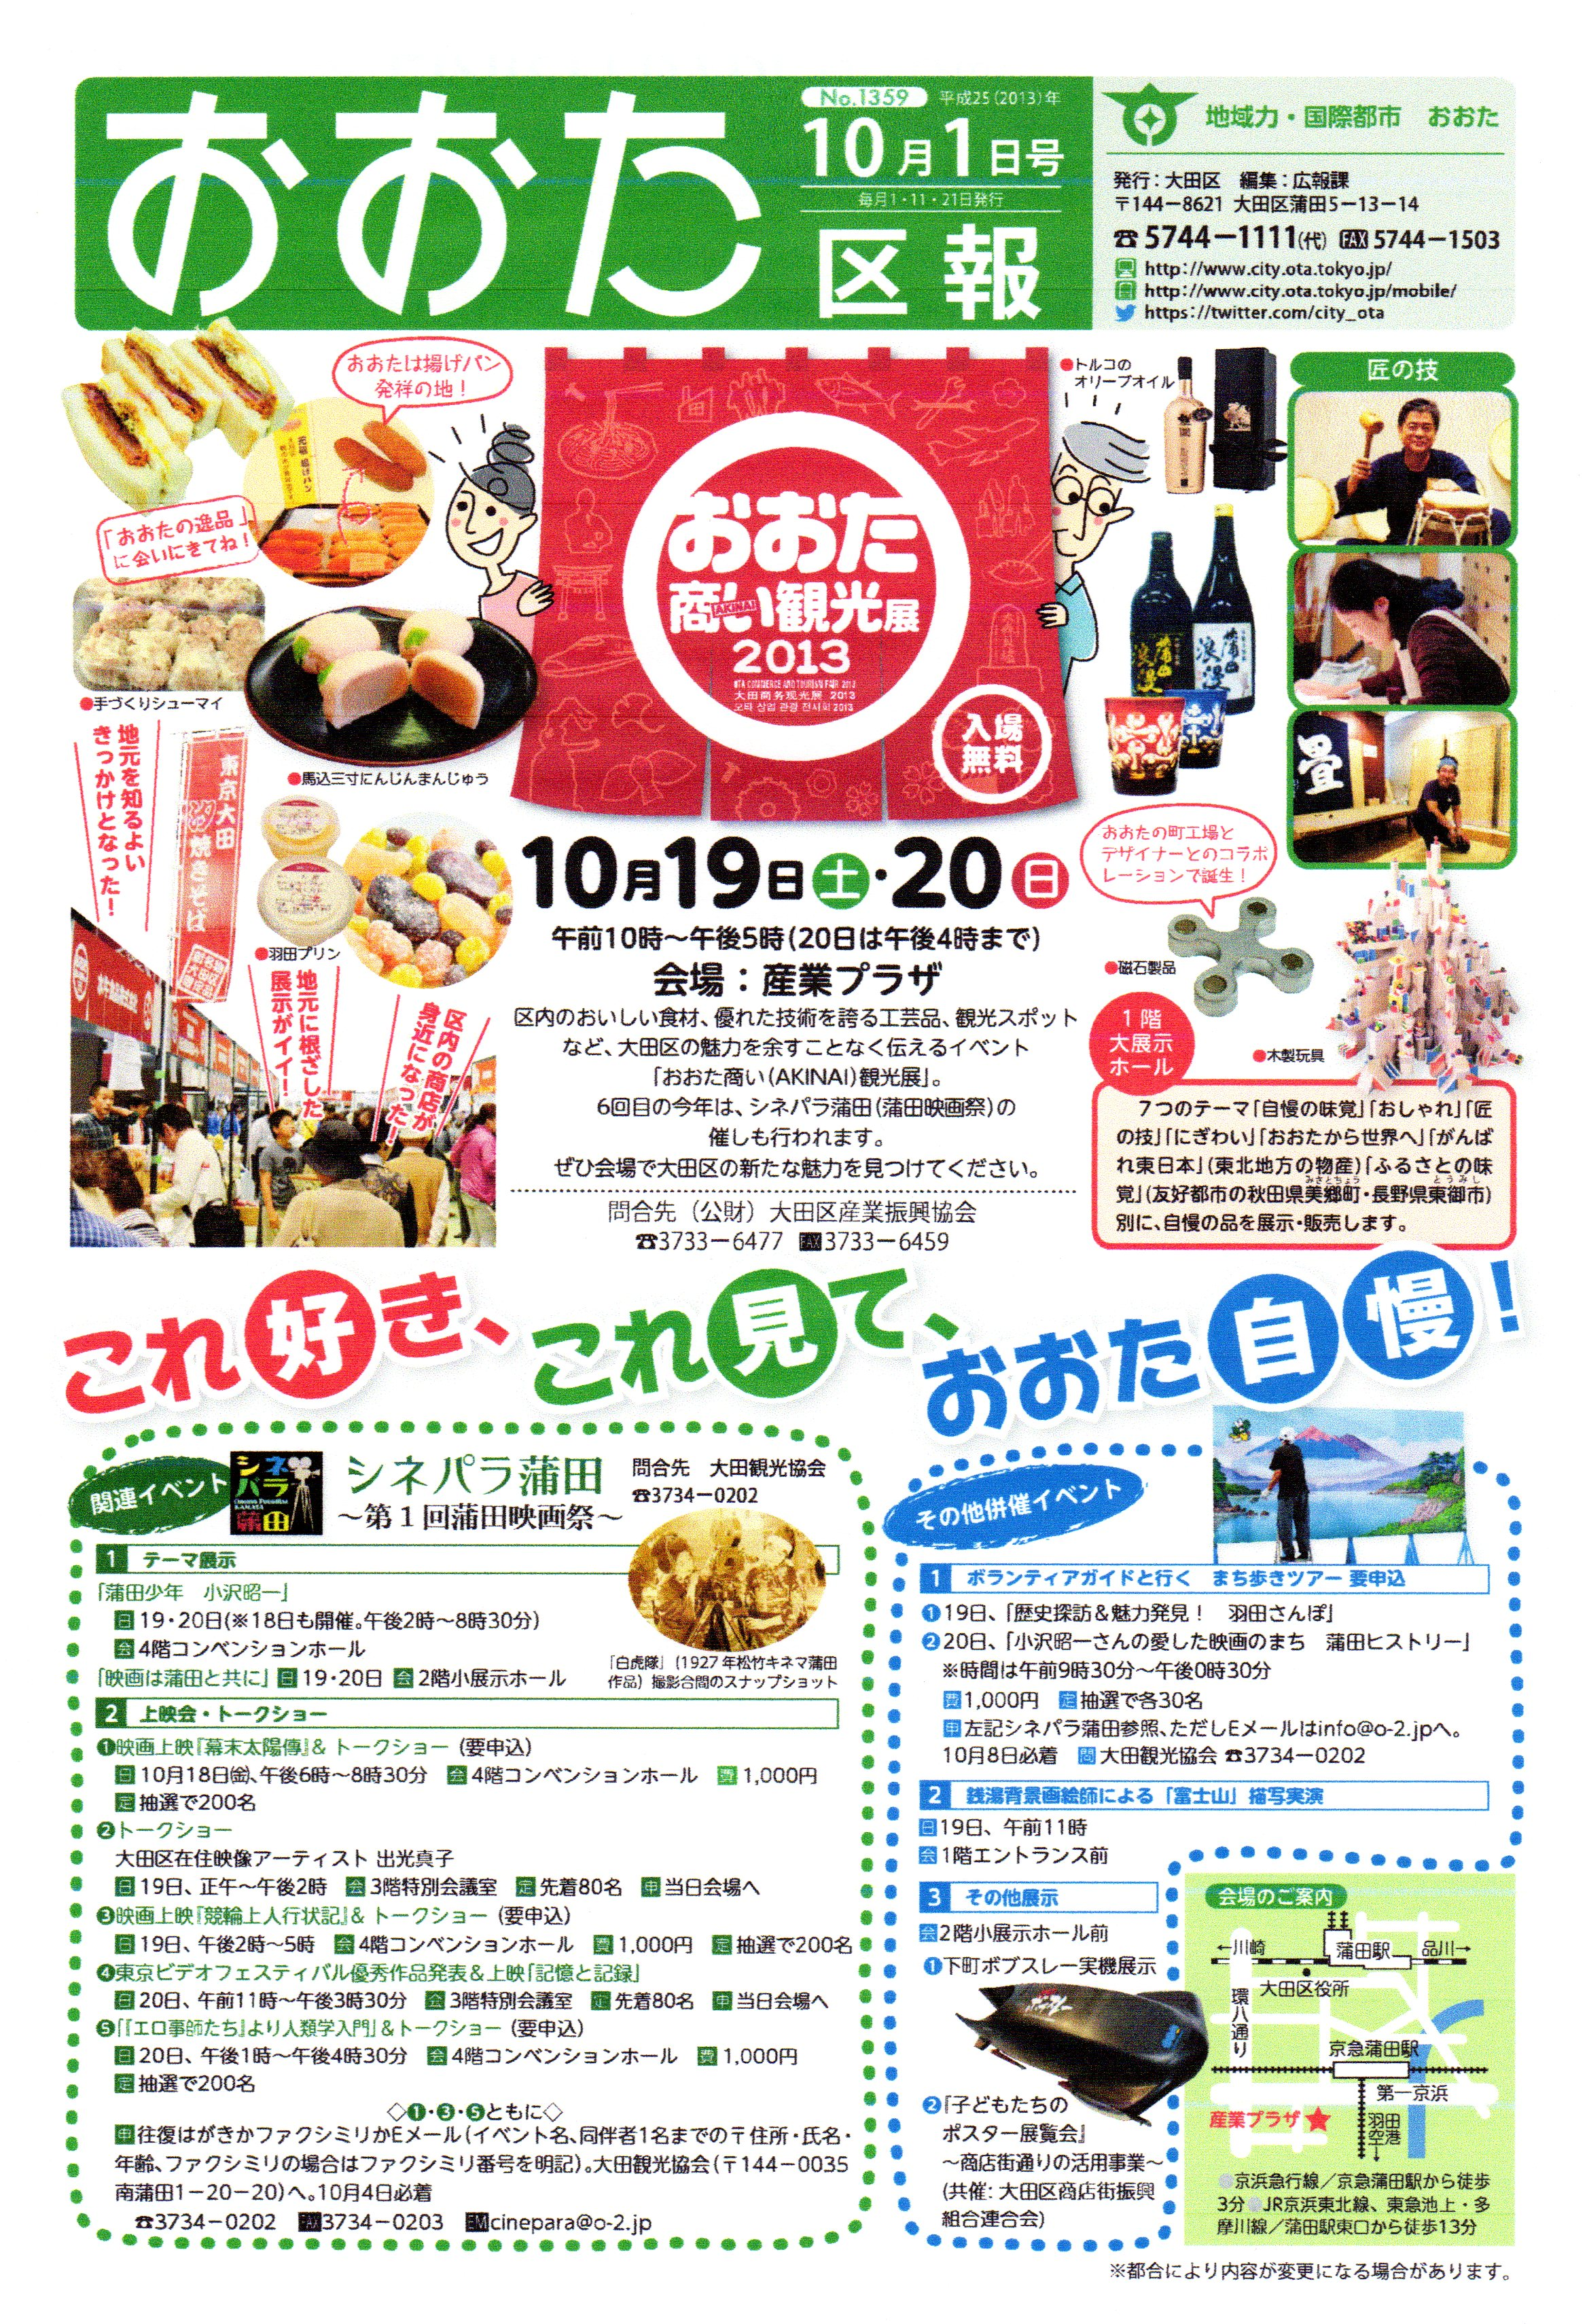 おおた商い観光展2013